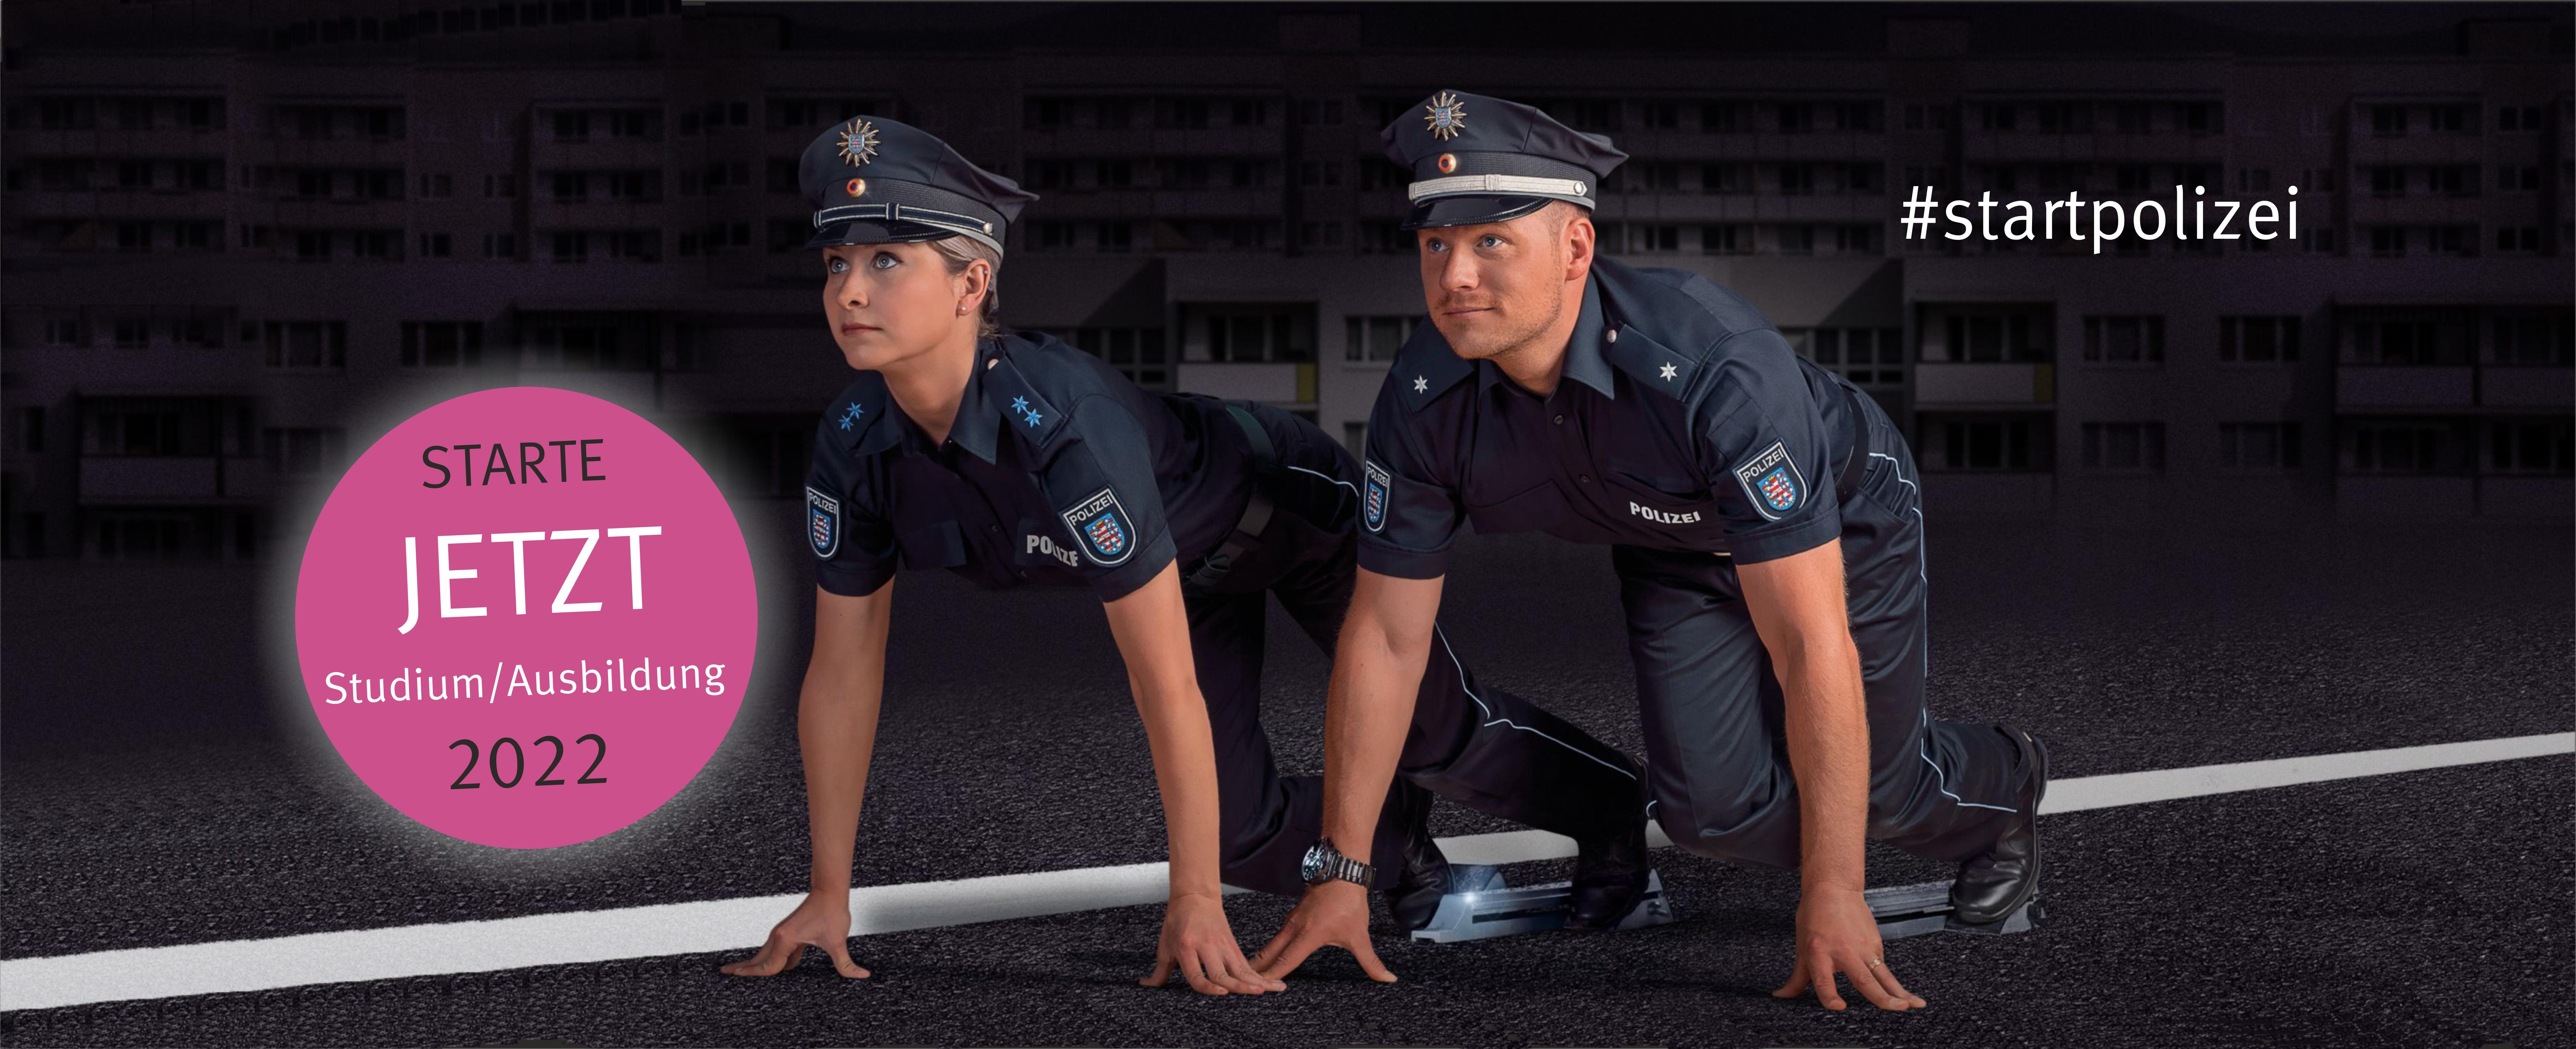 Zwei Polizisten in den Startlöchern